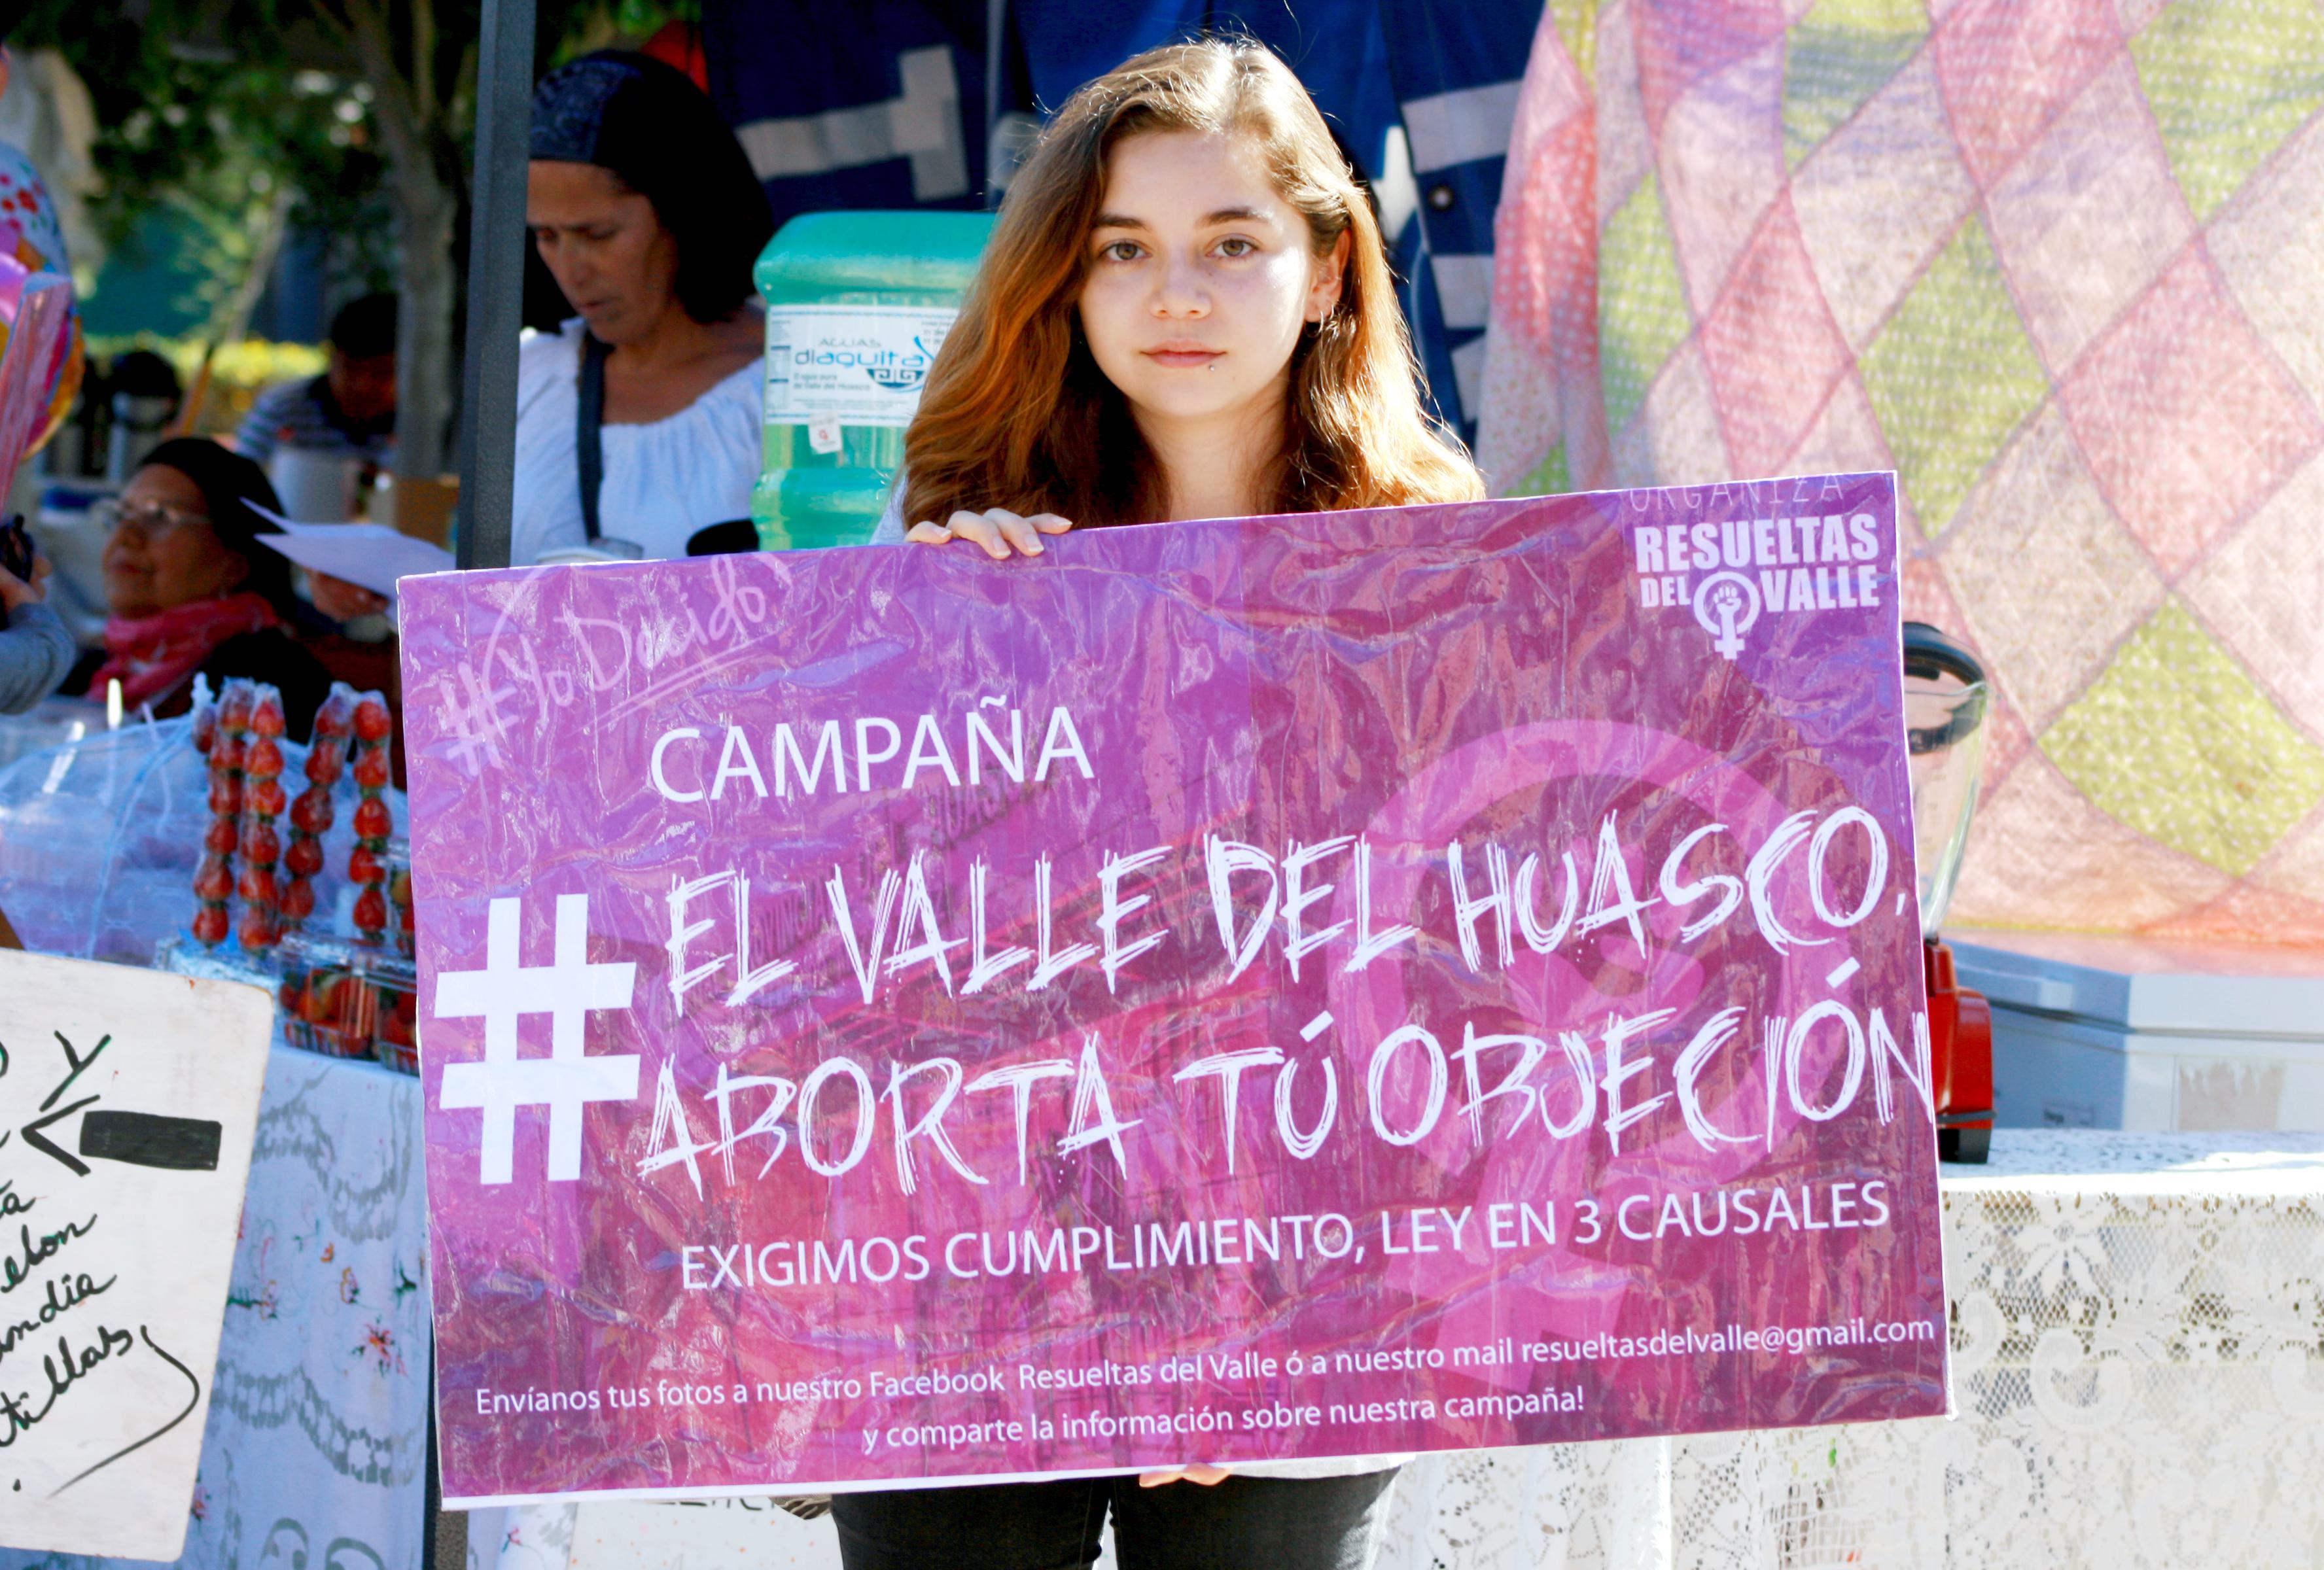 """Agrupación """"Resueltas del Valle"""" realiza marcha contra violación y piden que se cumpla ley de aborto en hospital"""